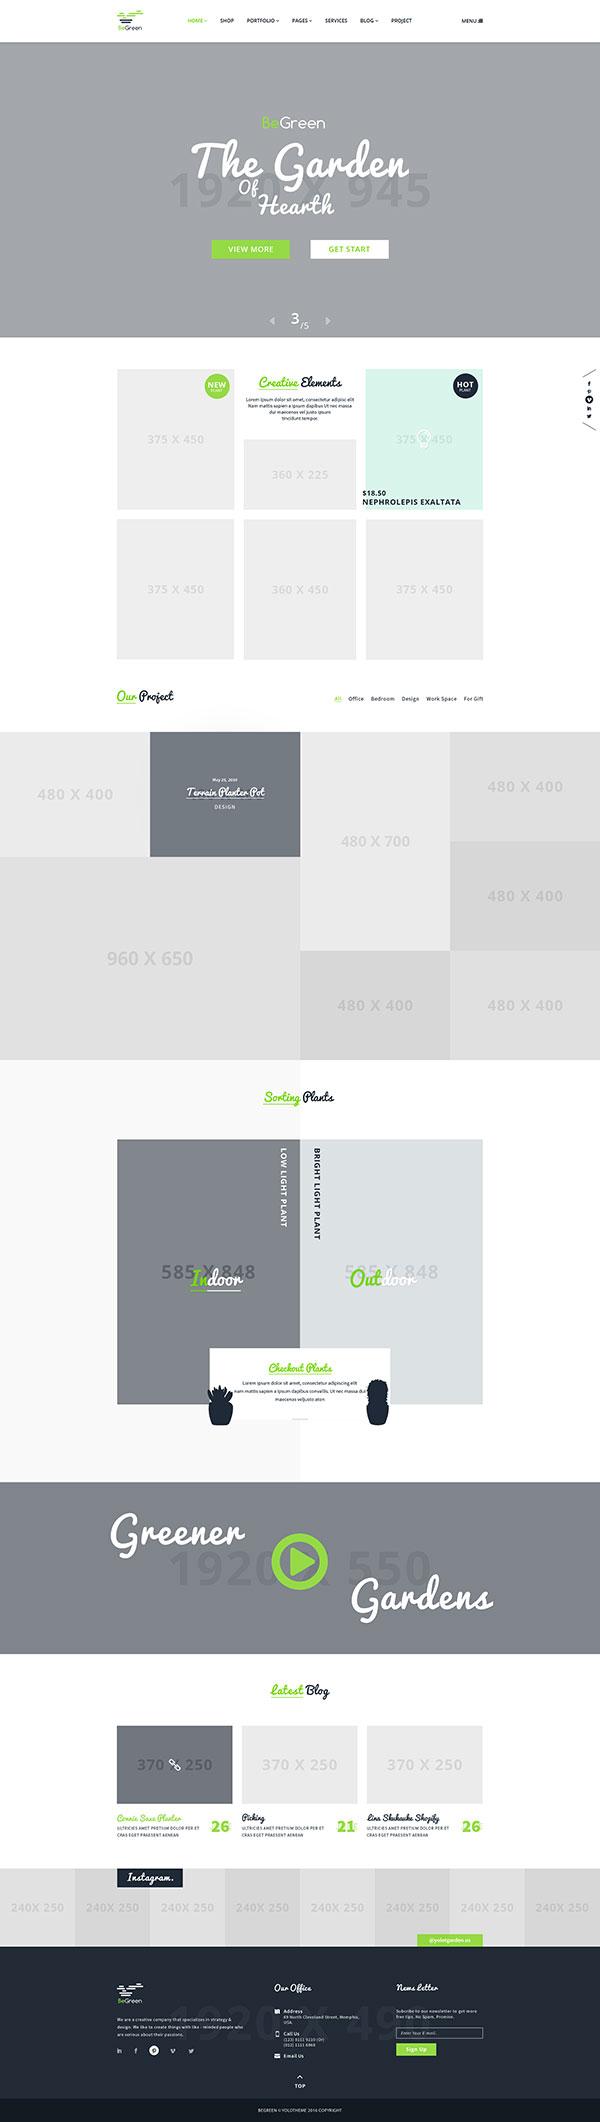 空白网站模板,精美版式设计国外网页设计模板,文艺范,个人网站,设计类图片